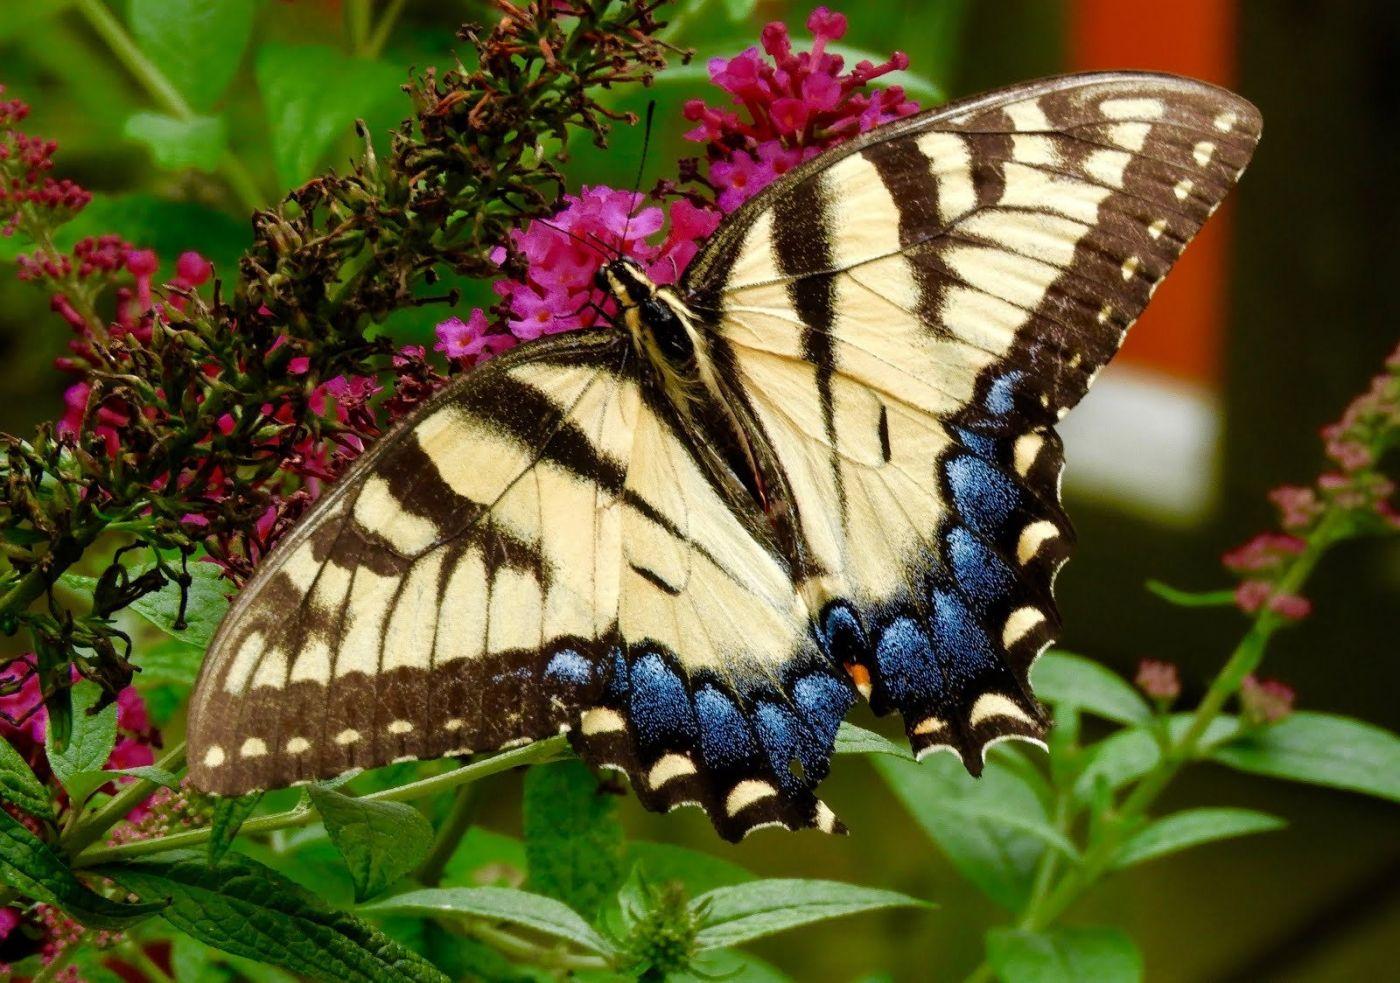 赫尔希花园看蝴蝶_图1-17